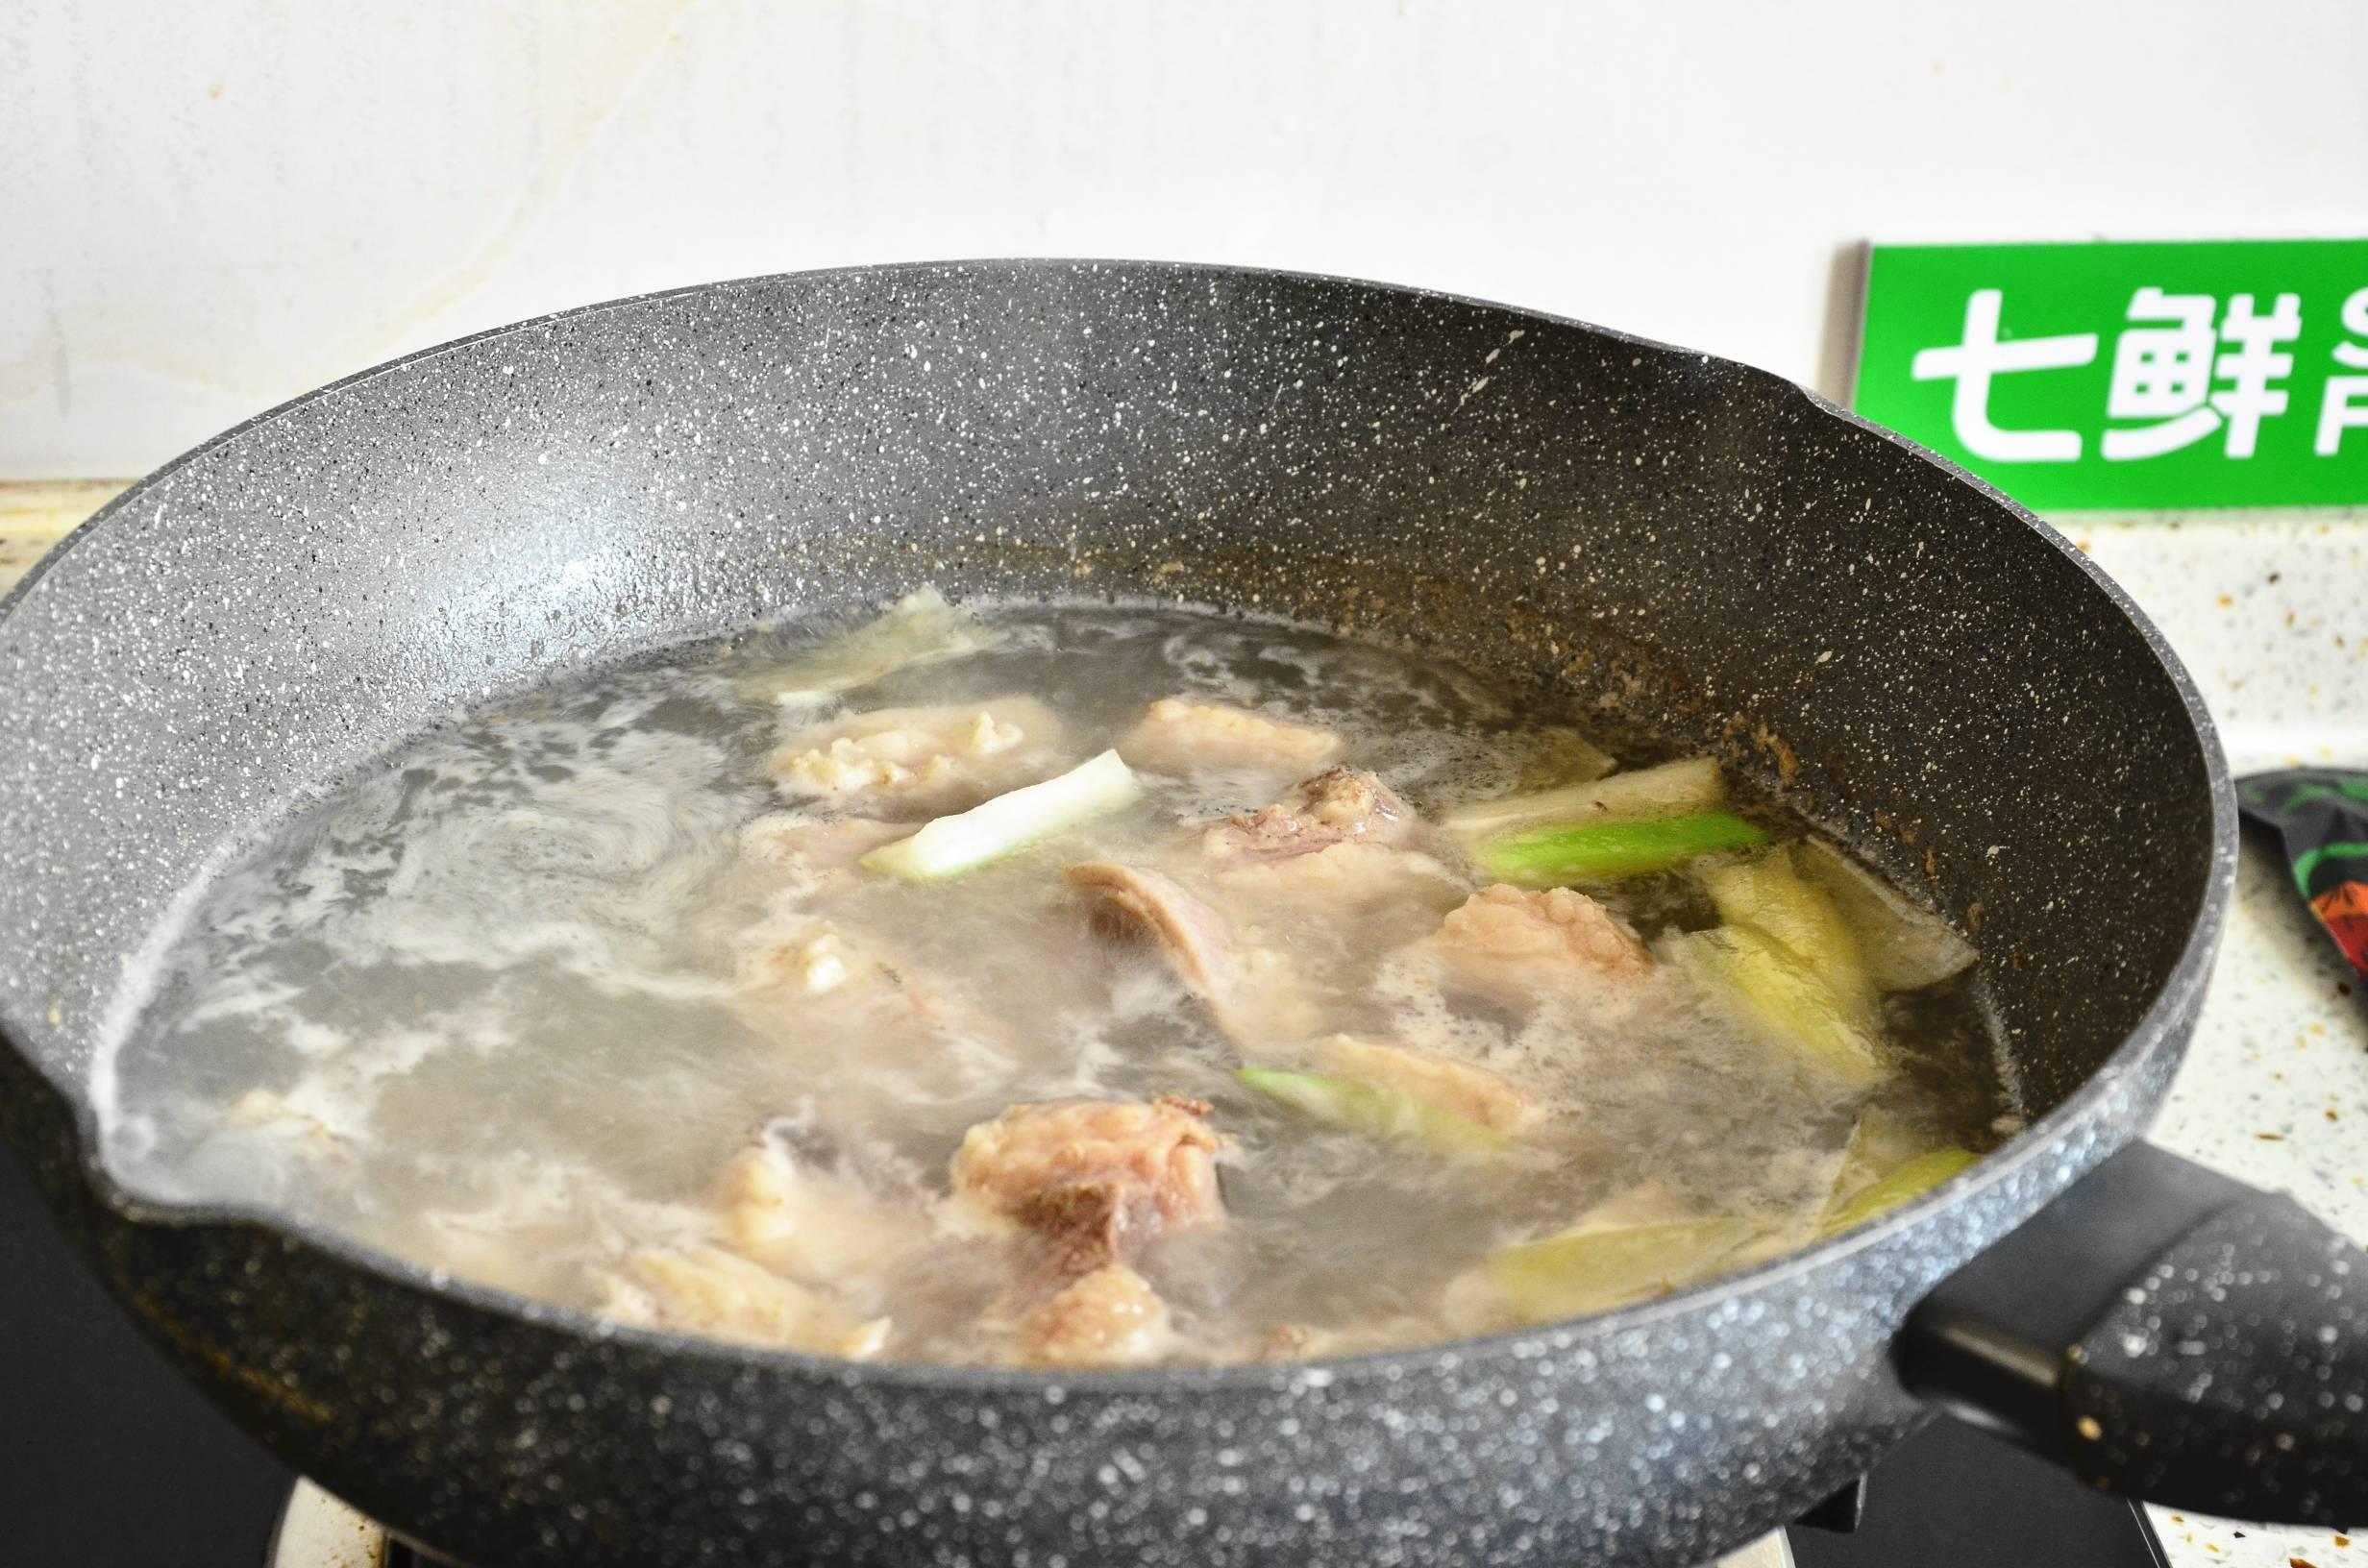 羊排山药汤的简单做法